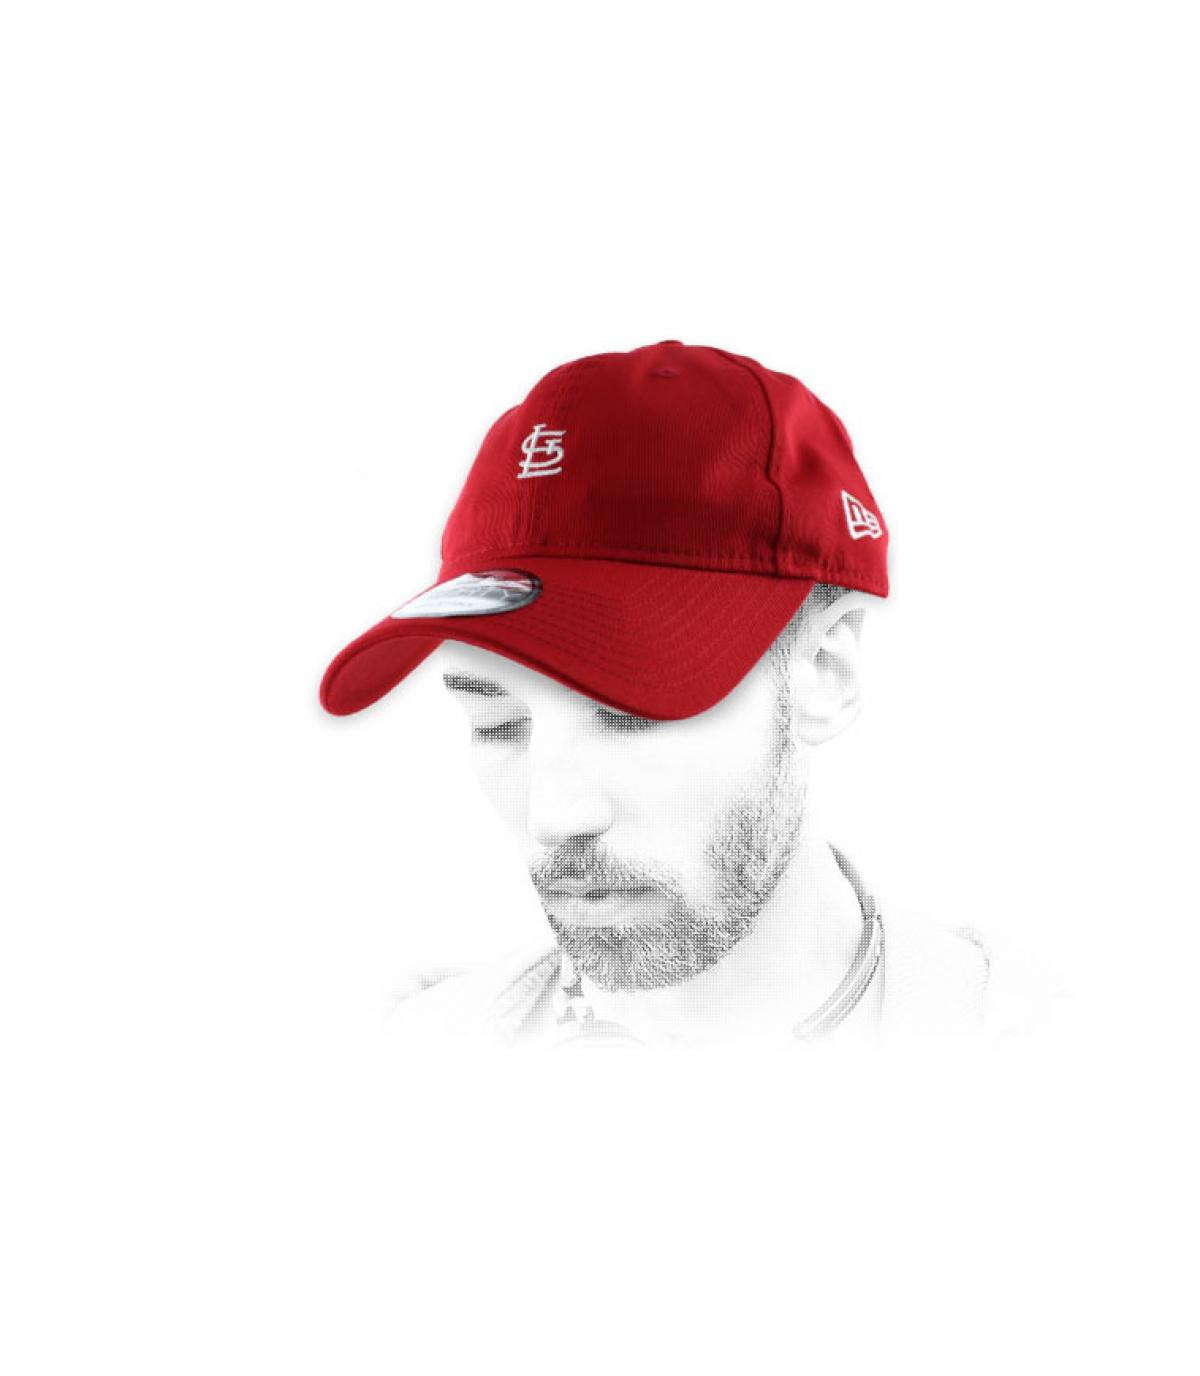 red St Louis cap